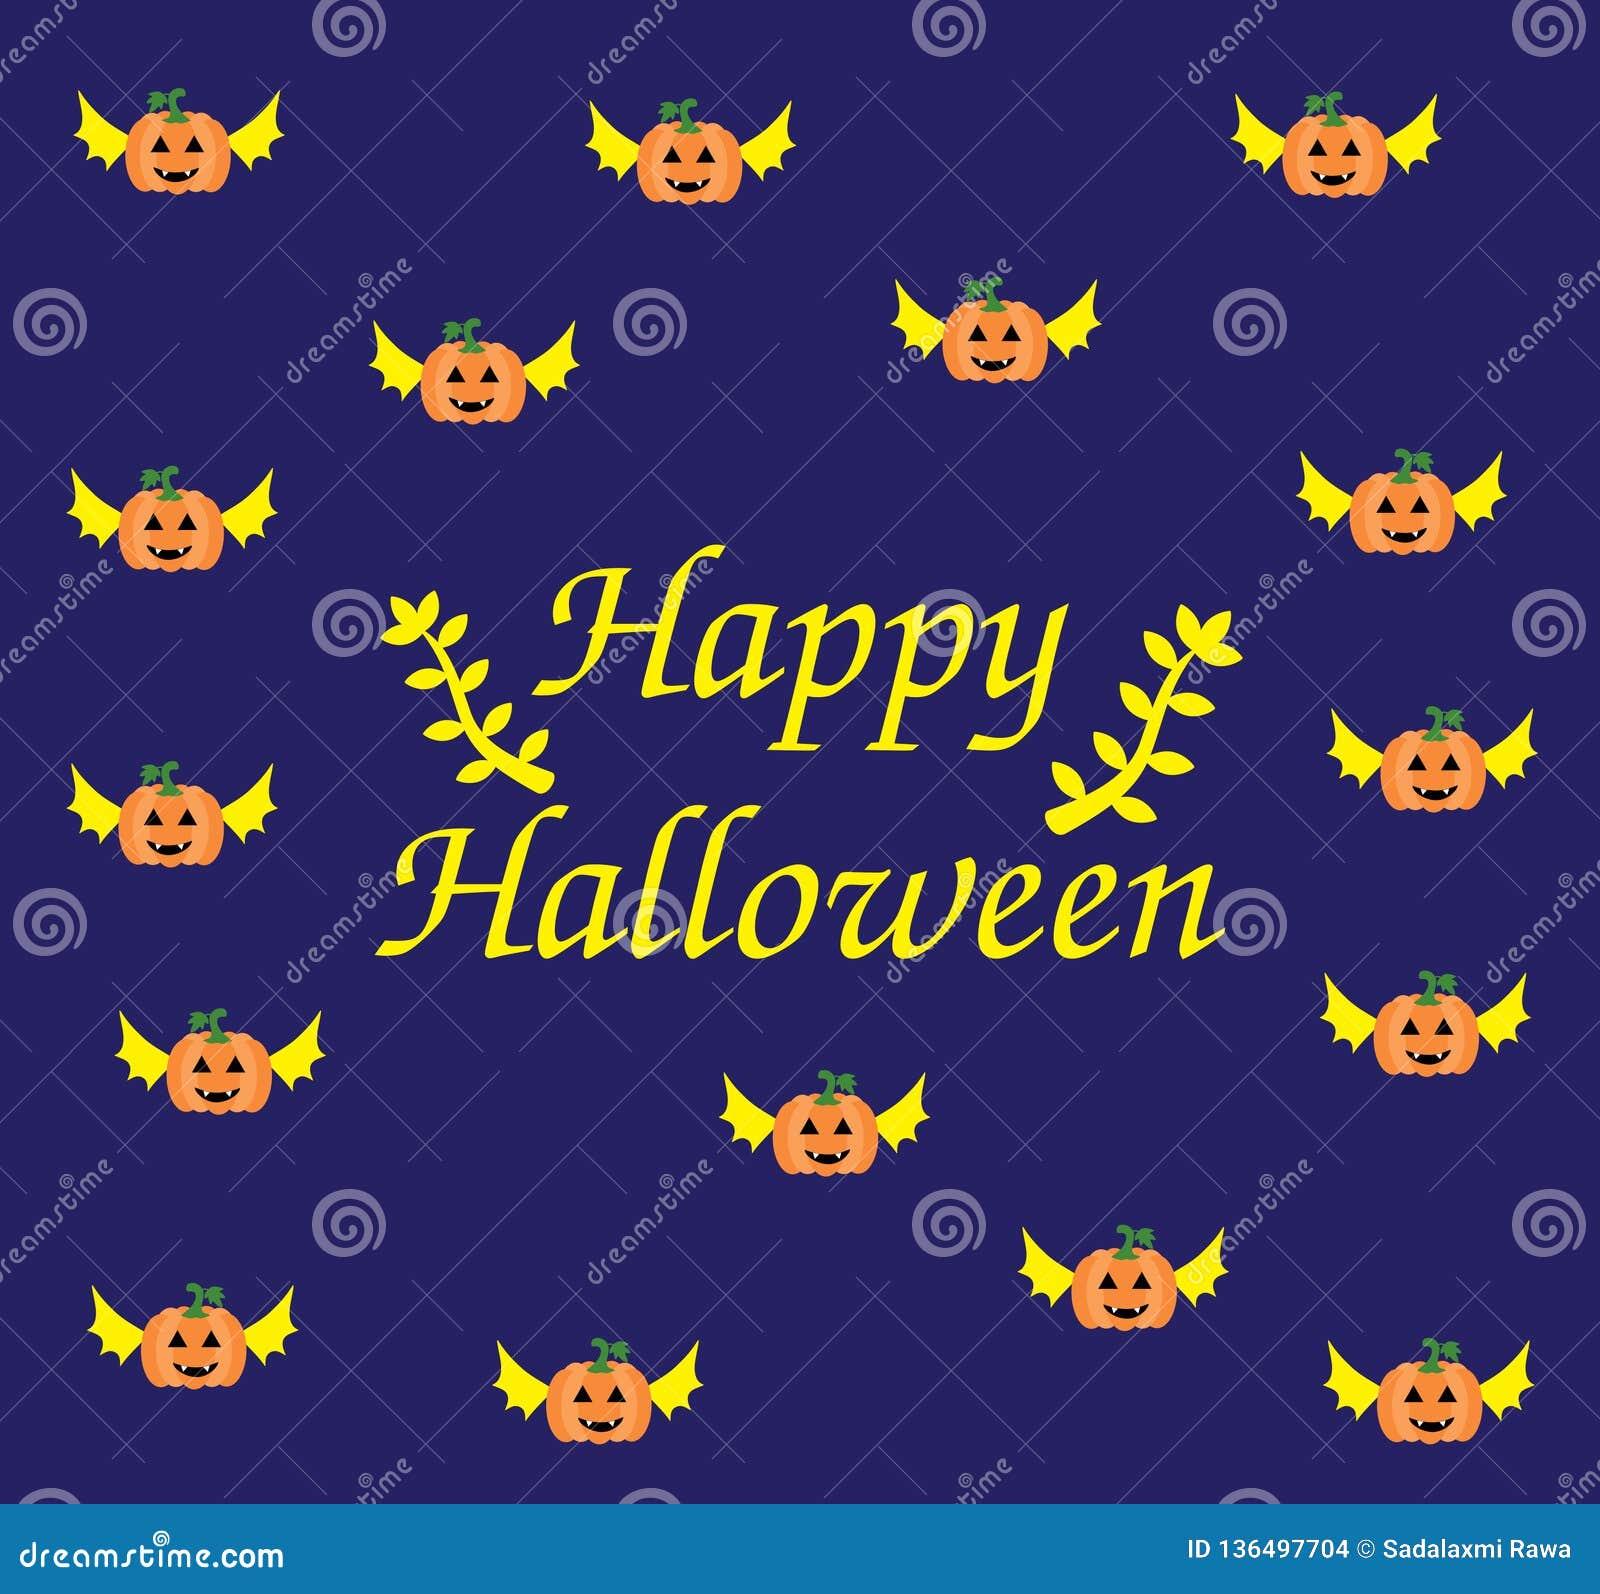 Halloween card of Flying Pumpkin